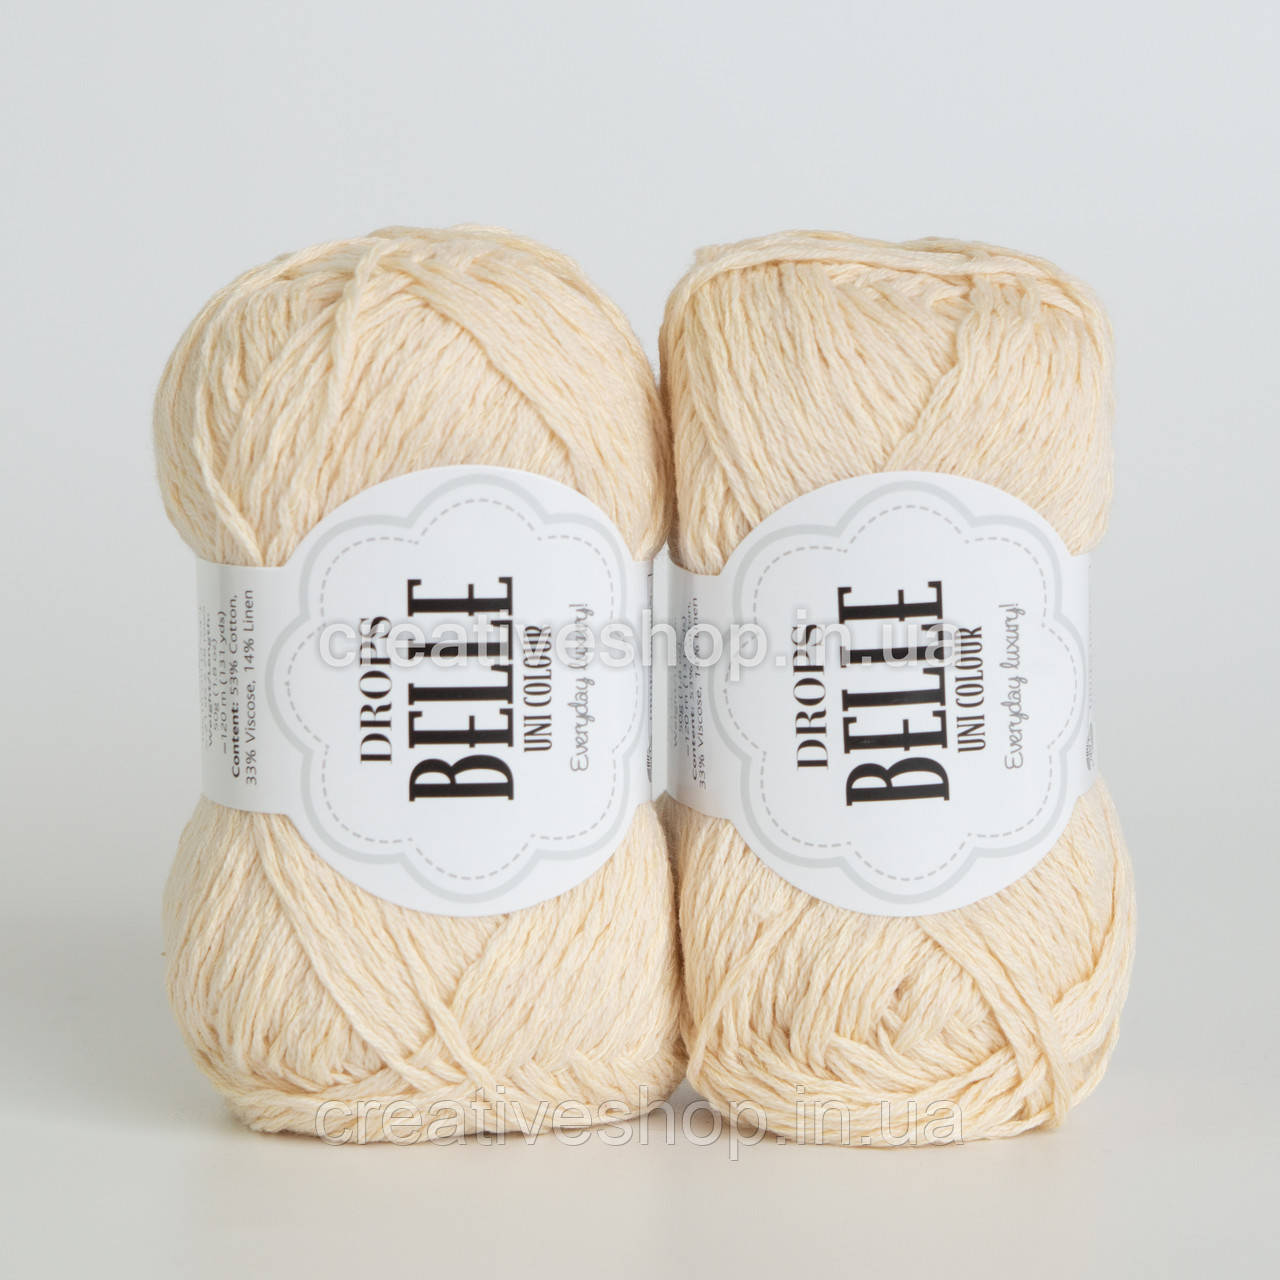 Пряжа Drops Belle (колір 02 off white)